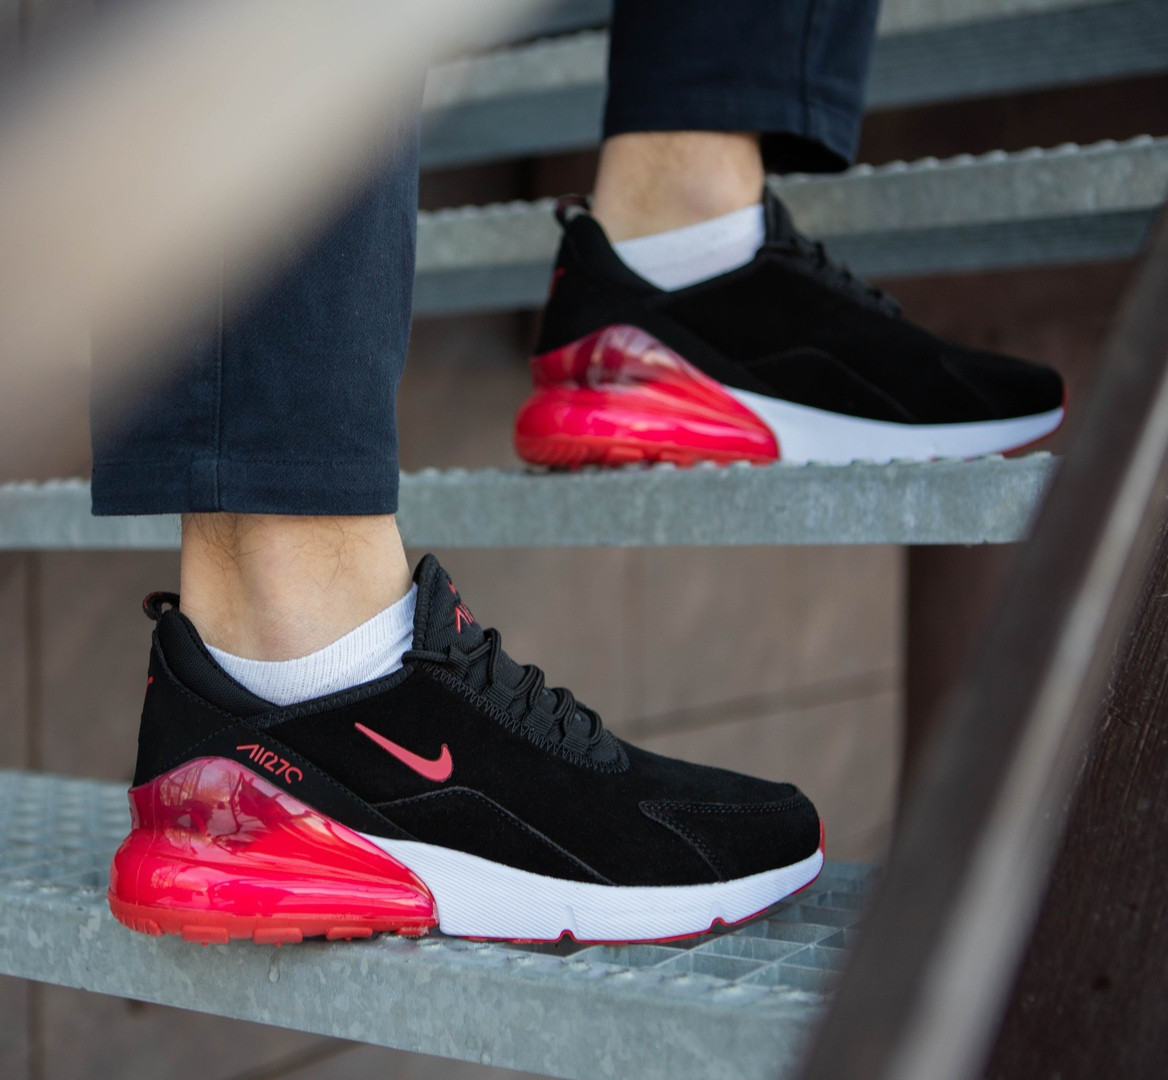 b56fd26758aea Мужские кроссовки Nike Air Max 270 (2019) черные с красным топ реплика -  Интернет